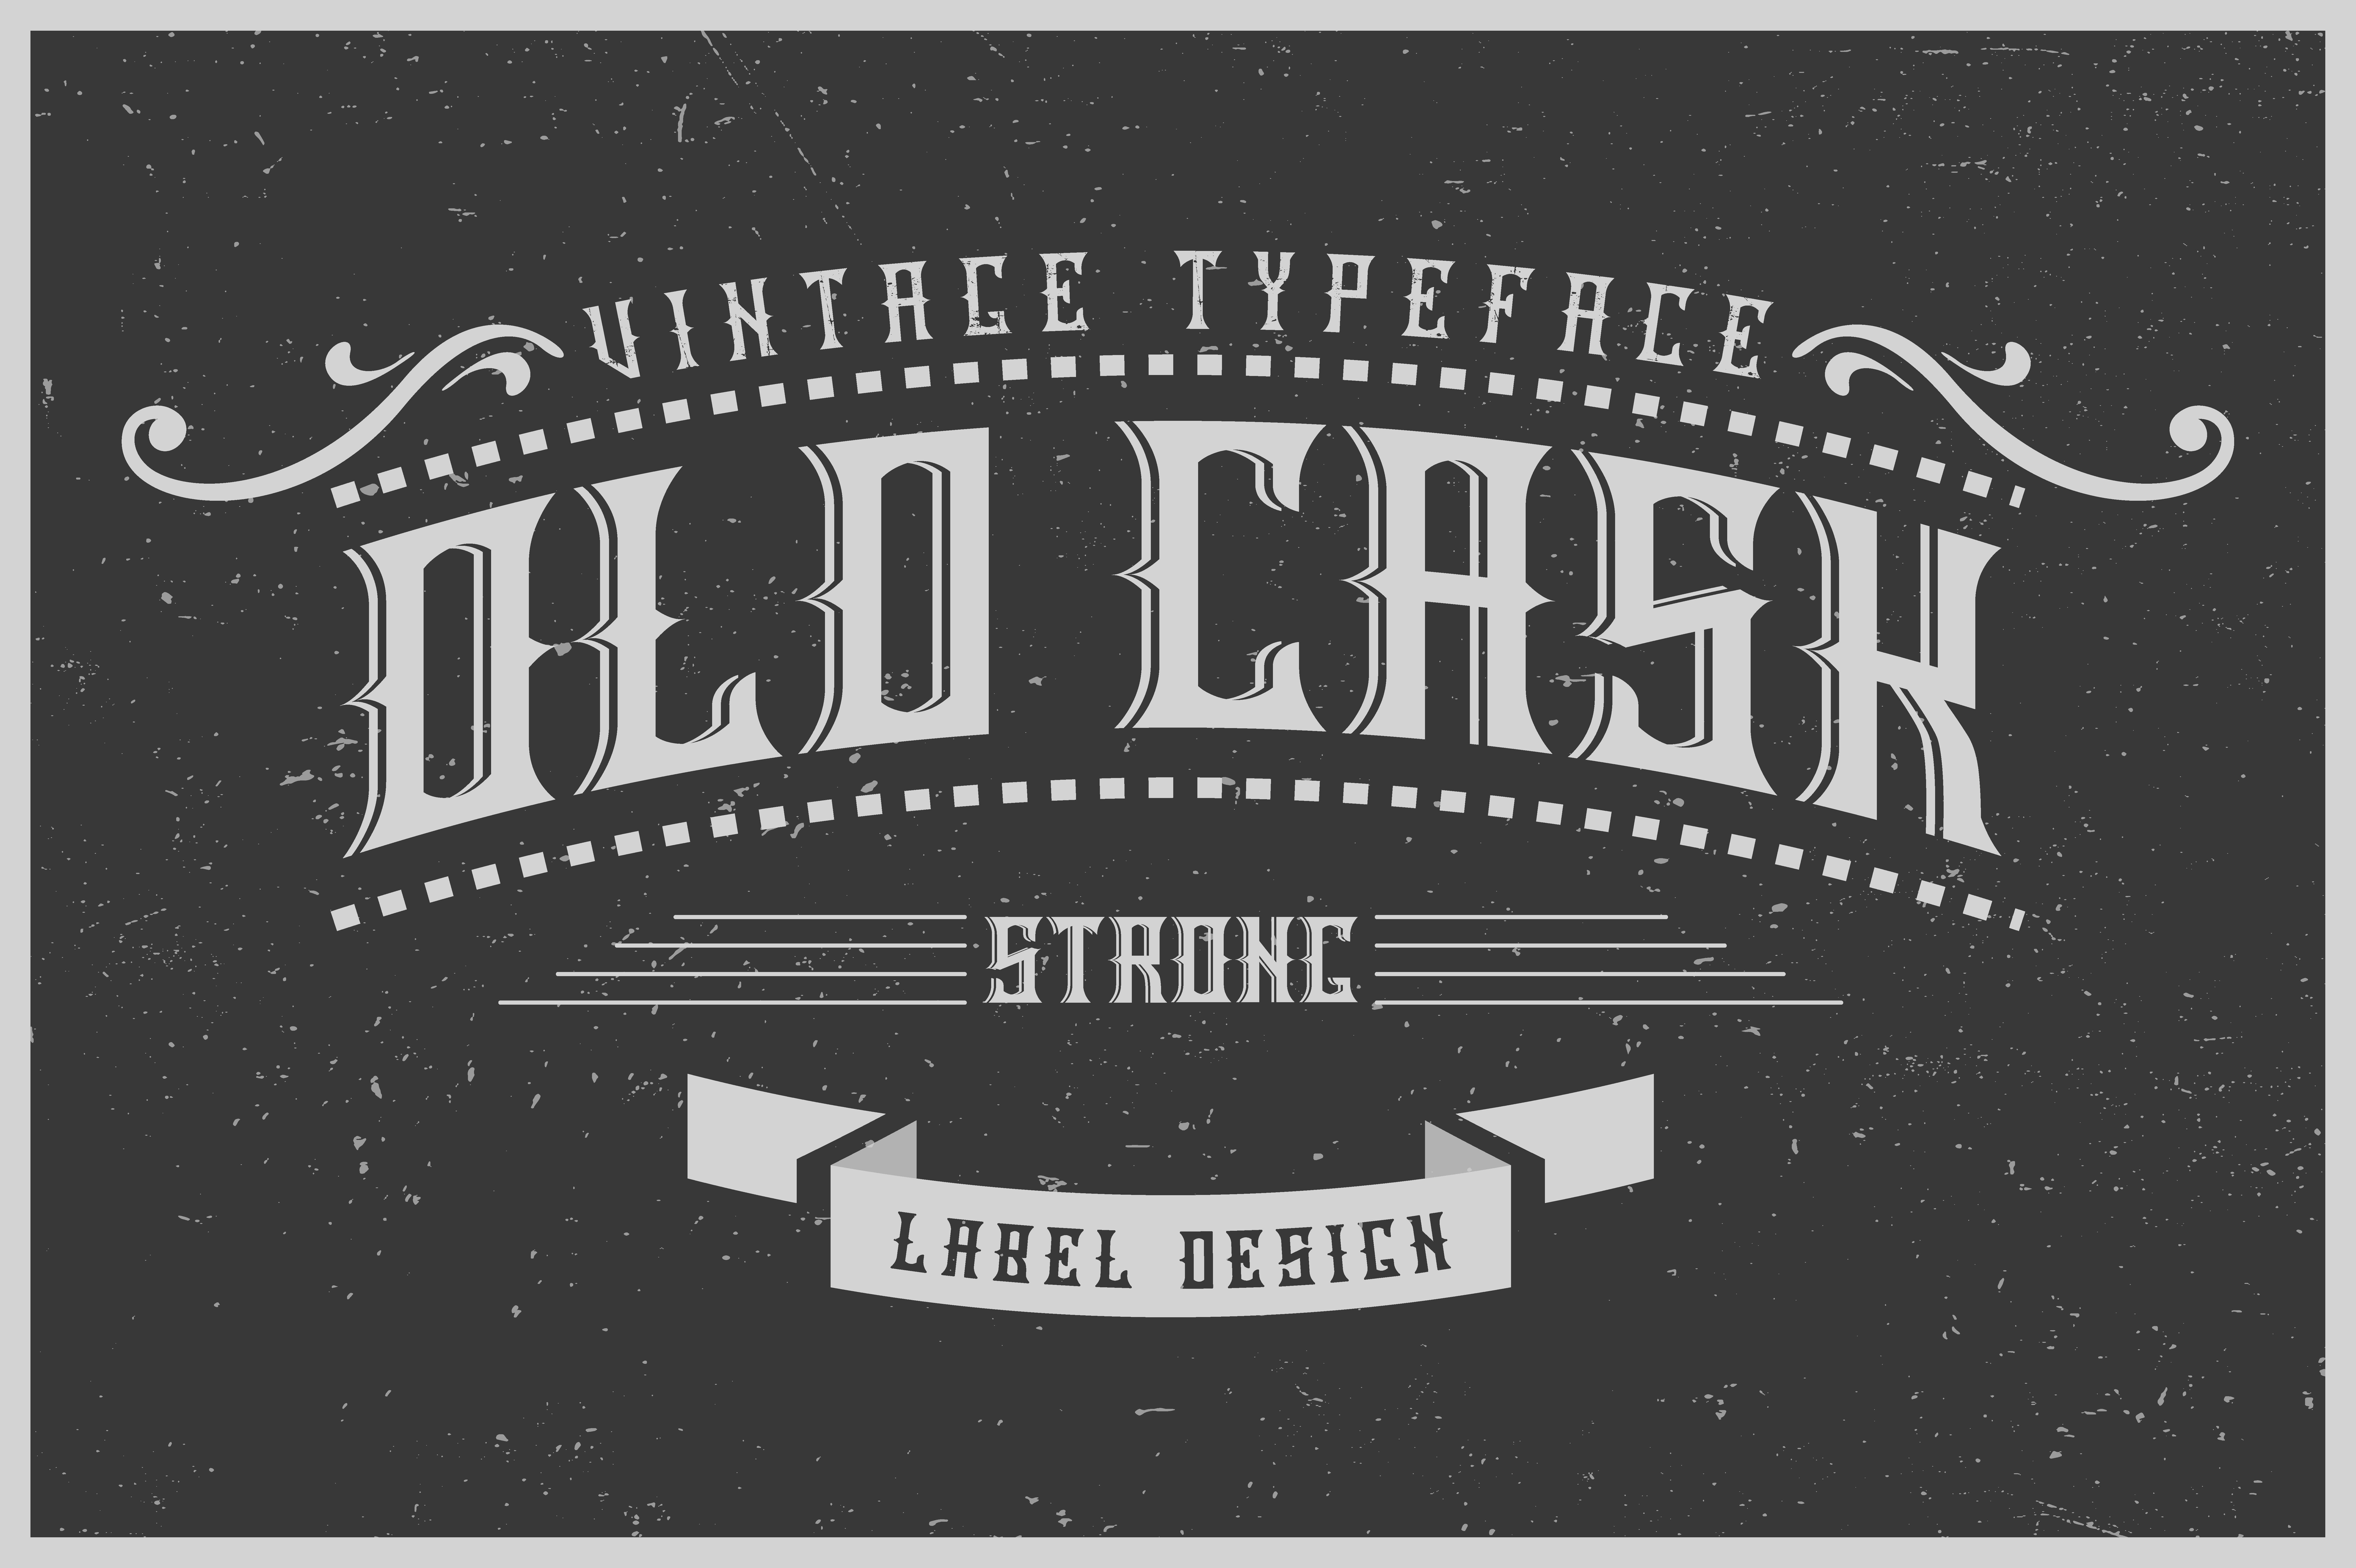 OldCask哥特老式纹身英文字体下载